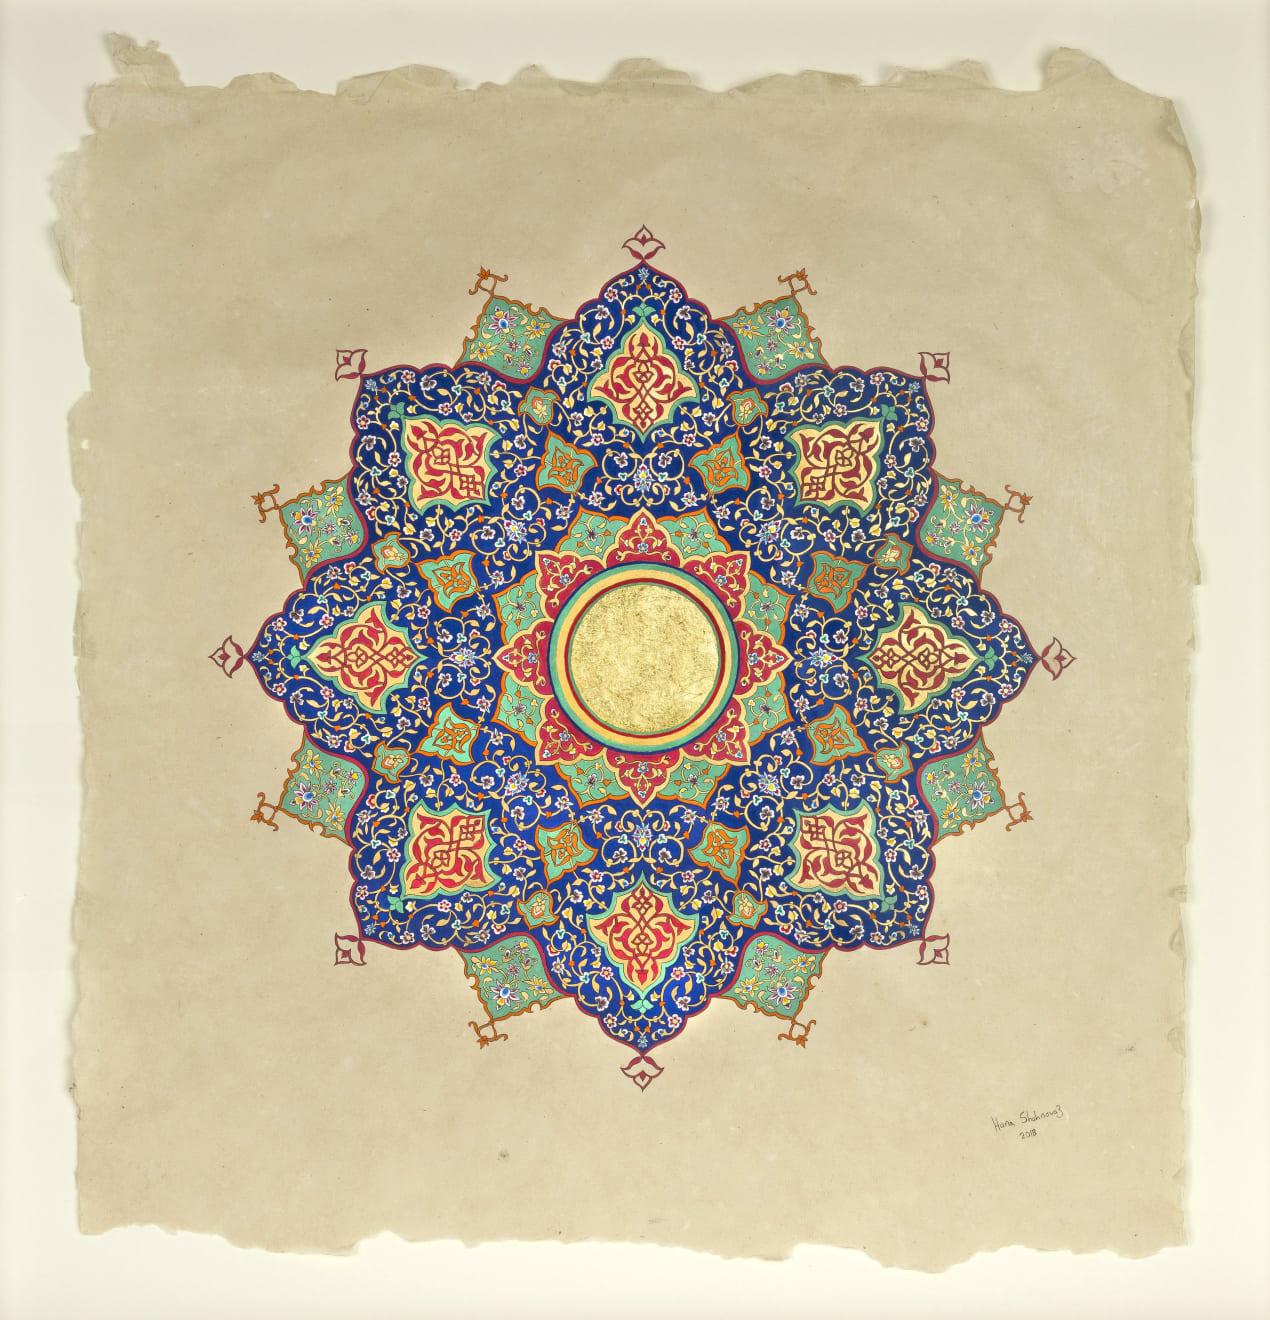 Hana Shahnavaz, Lapis Lazuli Sun Print, 2020